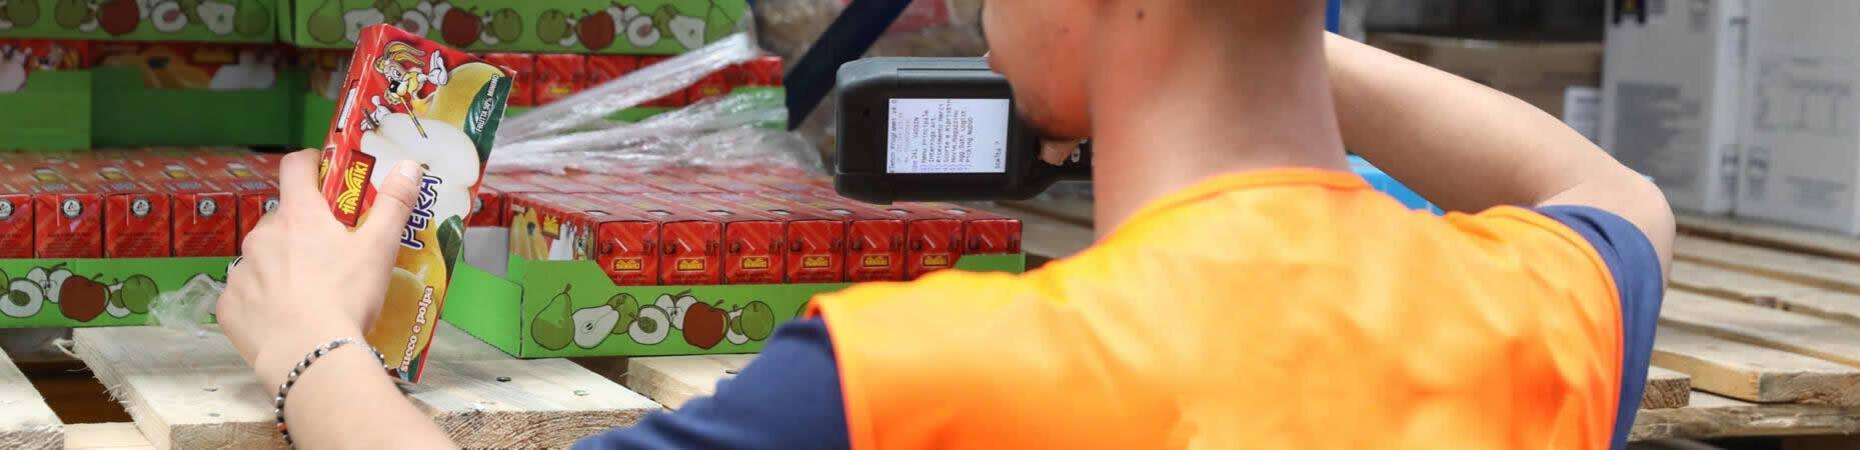 cicognaservizi it logistica-settore-beverage-bologna 004